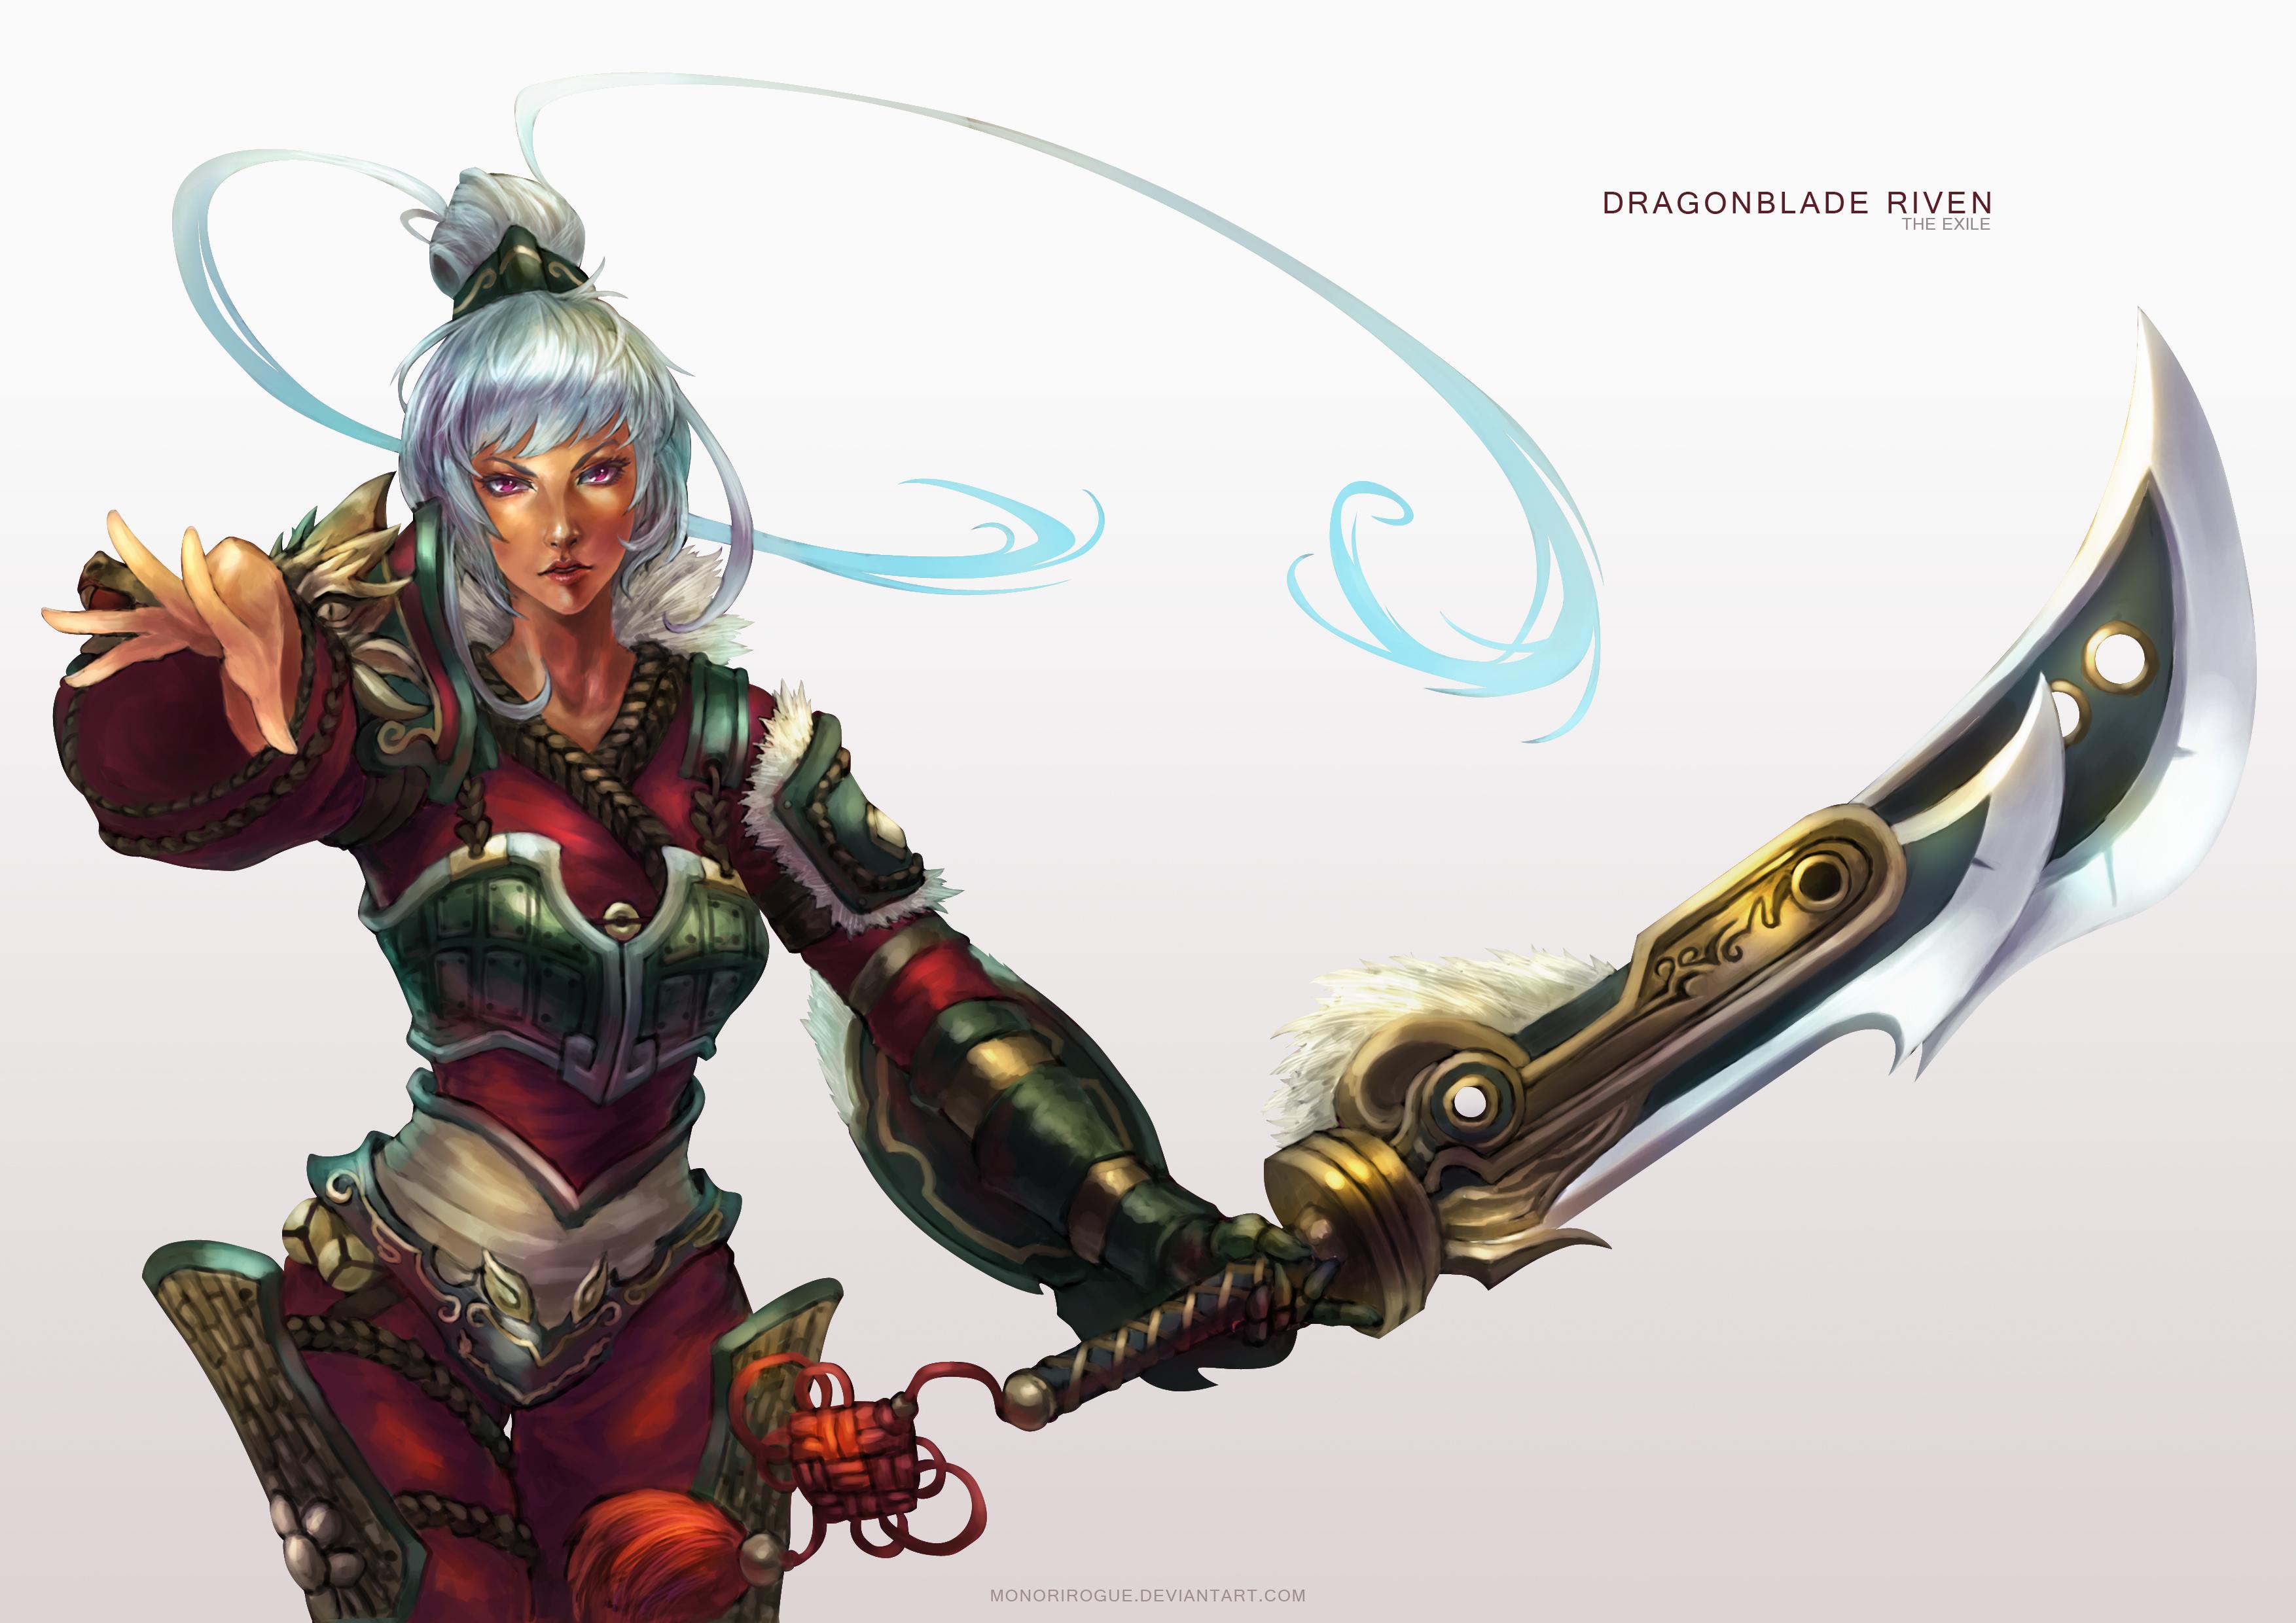 壁紙 リーグ オブ レジェンズ ウォリアーズ Riven Exile Dragon Blade 剣 ゲーム ファンタジー 少女 ダウンロード 写真